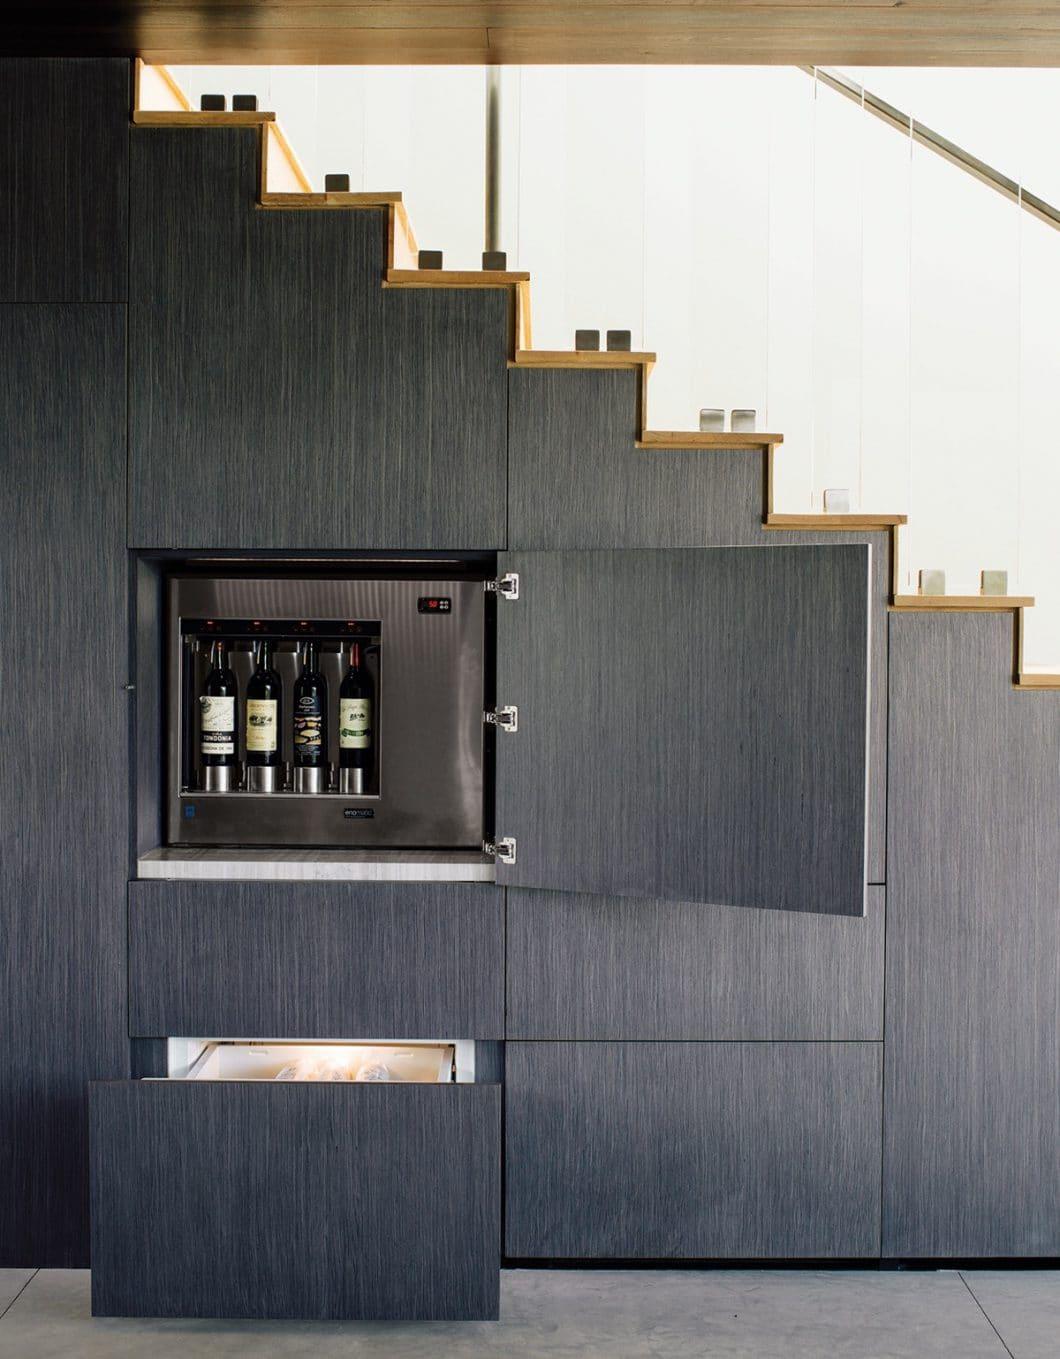 """Apropos """"unter der Treppe"""": Auch in unscheinbaren Treppengeländern können sich gut gelagerte Geheimnisse verstecken. Wetten? (Foto: via dwell)"""